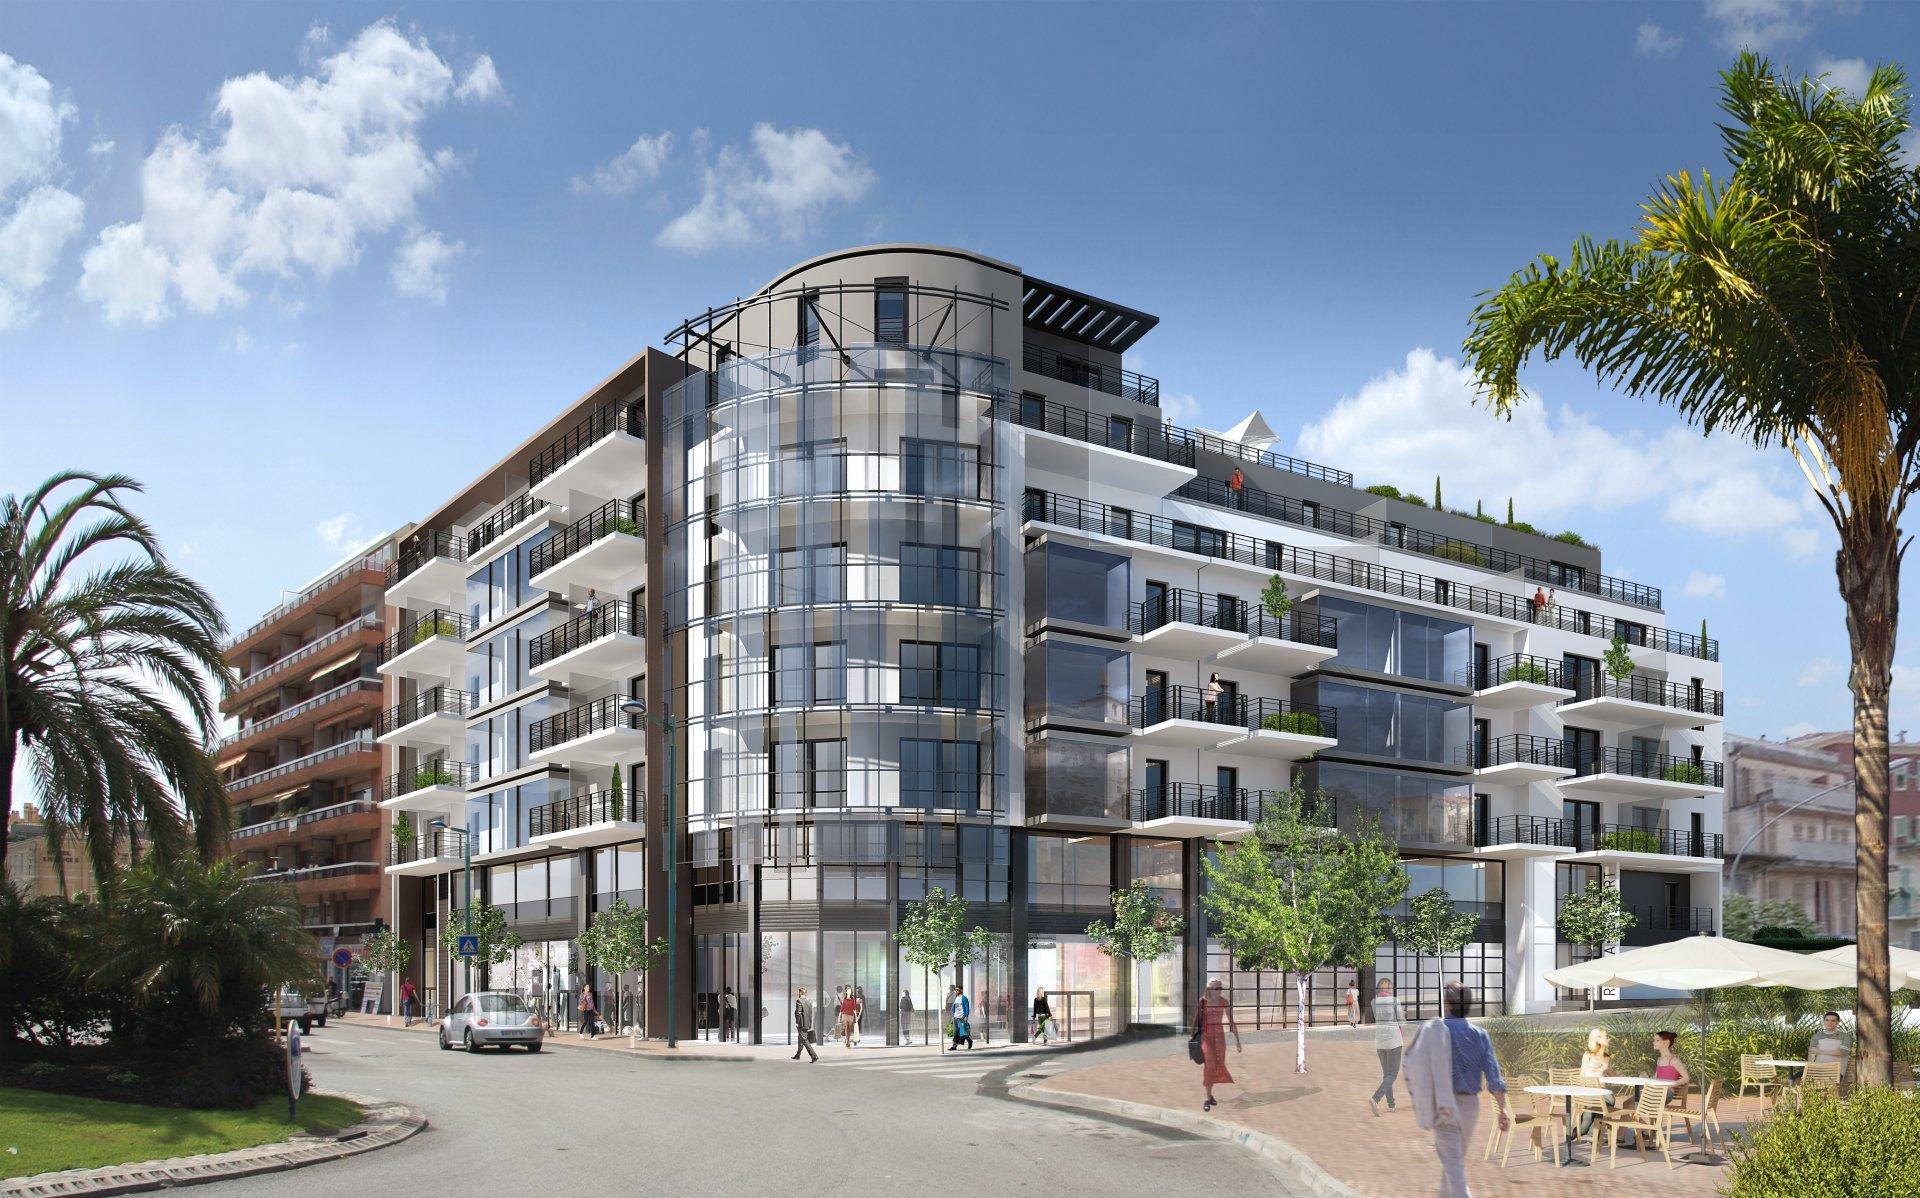 4 pièces neuf au dernier étage avec vaste terrasse – Menton centre